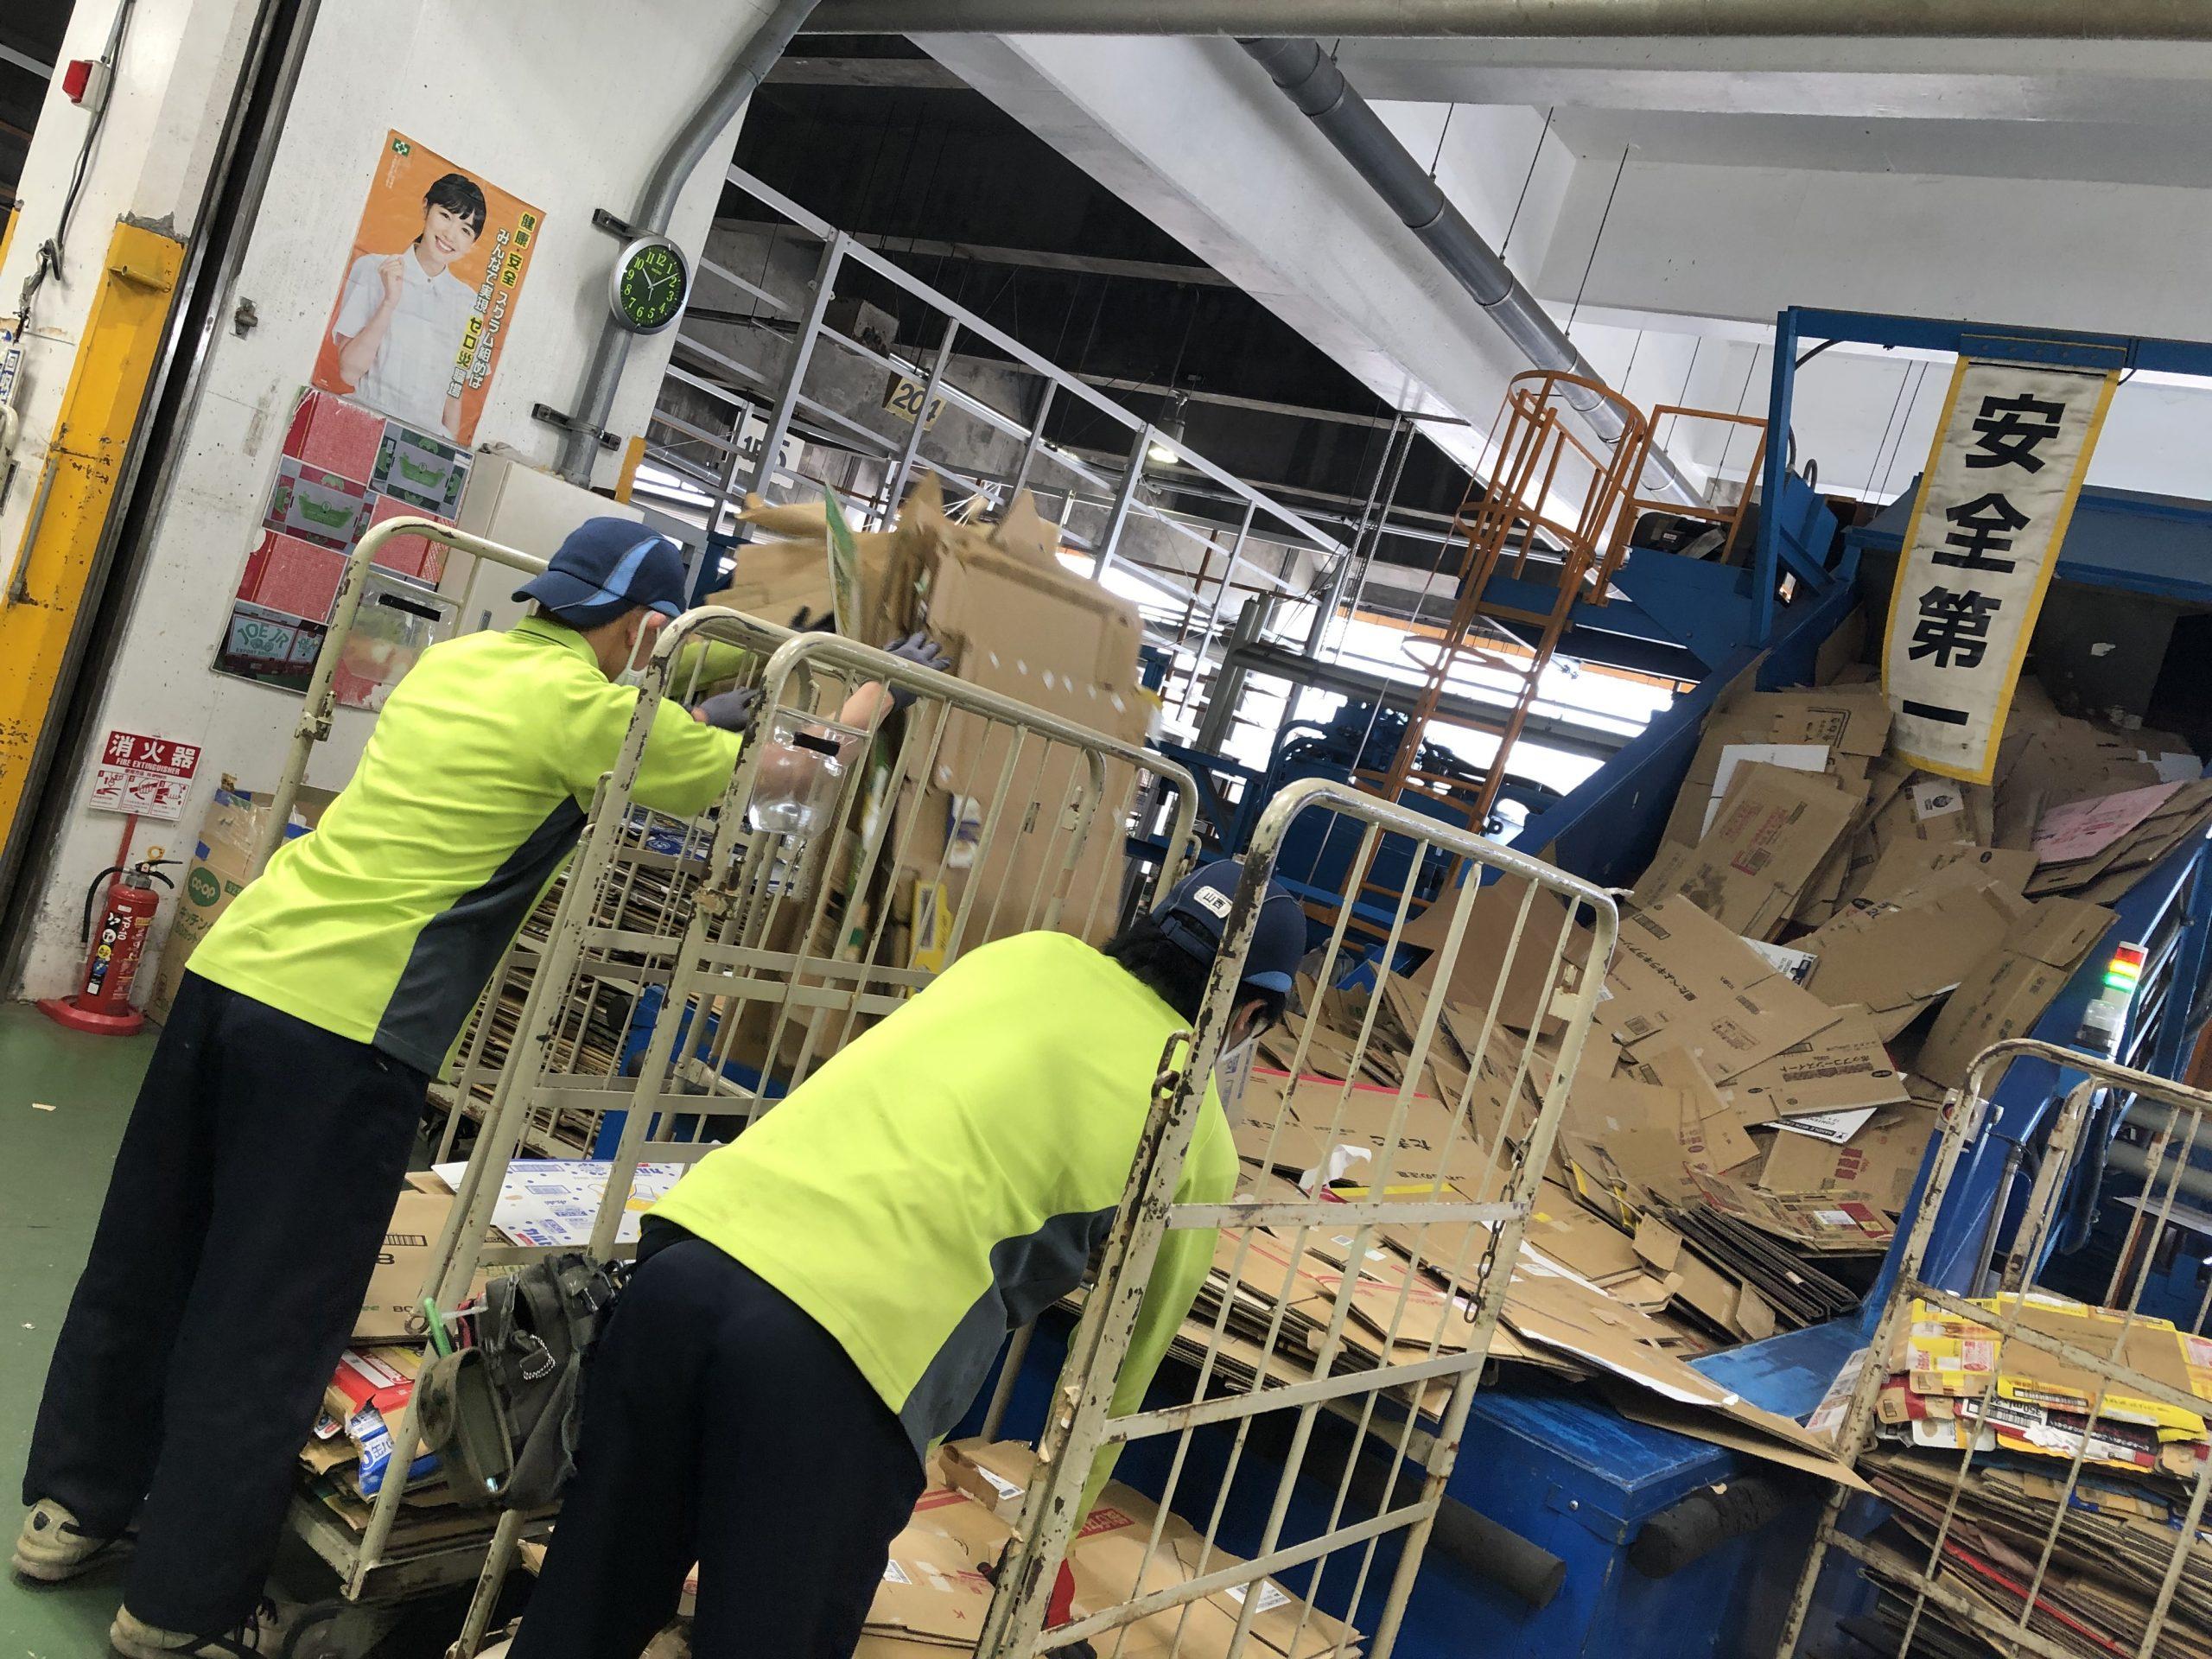 記事 阪神友愛&ゆうあいサポートの終業時刻変更についてのアイキャッチ画像